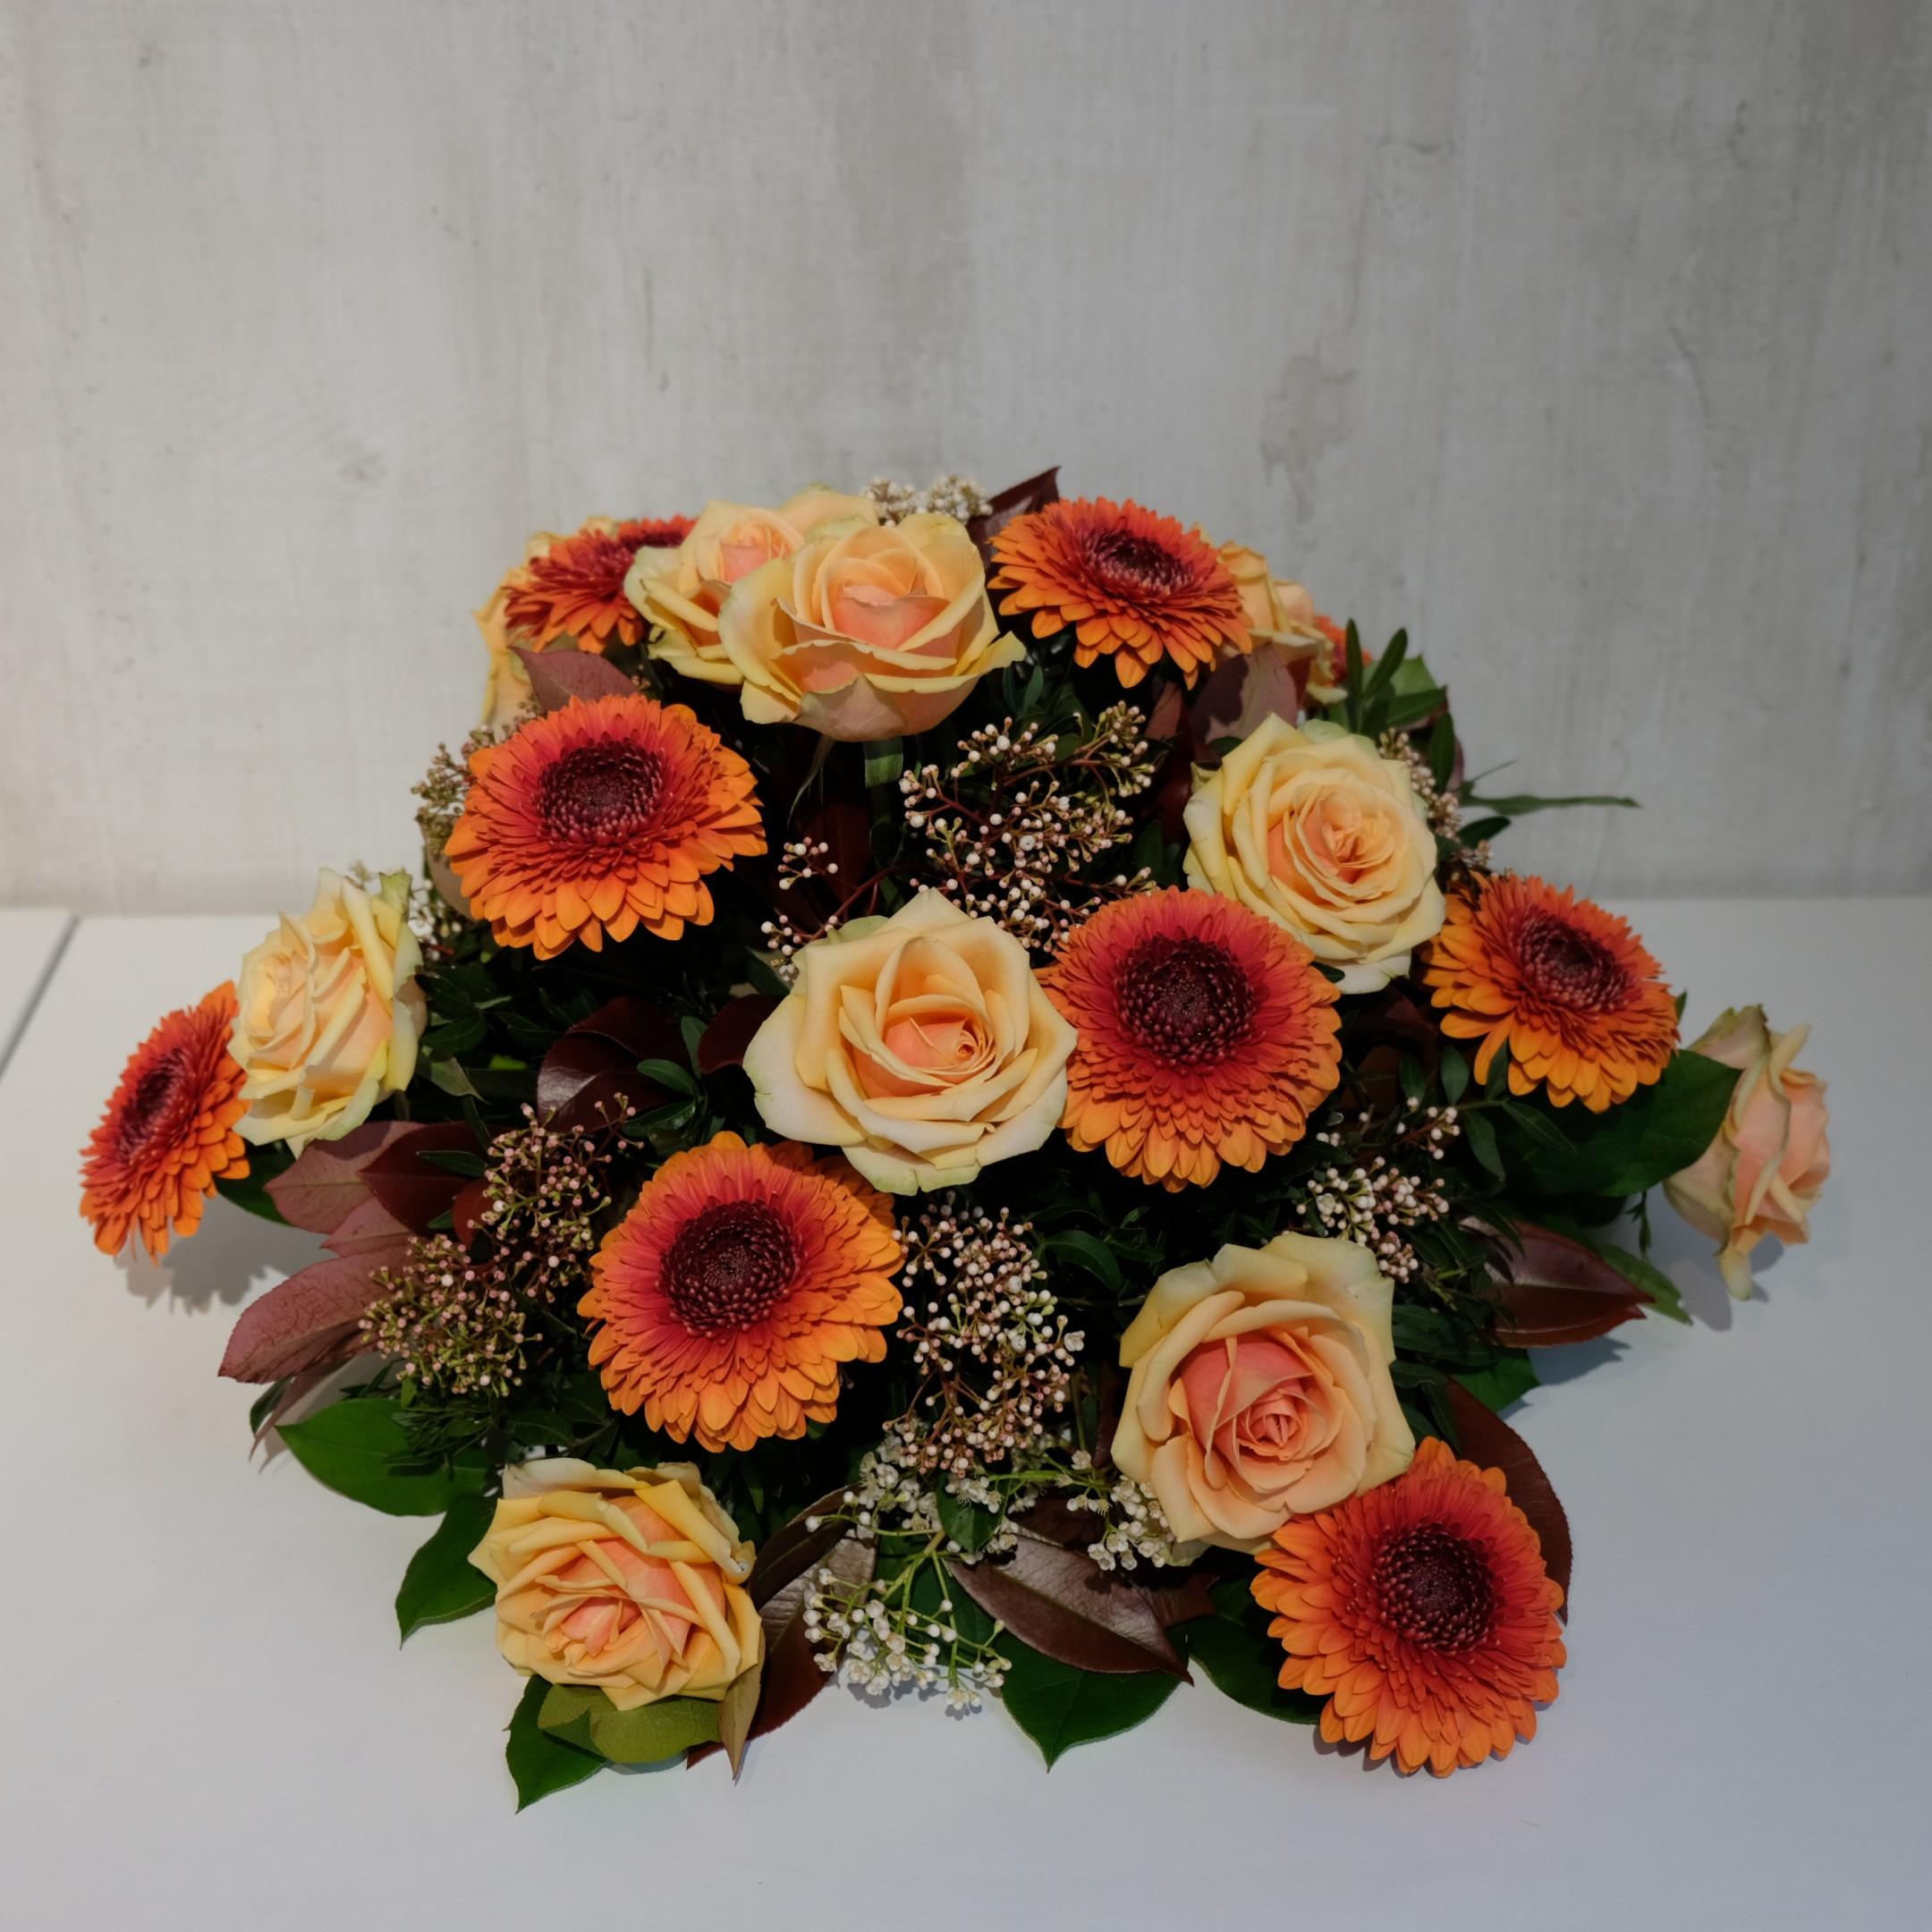 Blumengesteck Bild 1